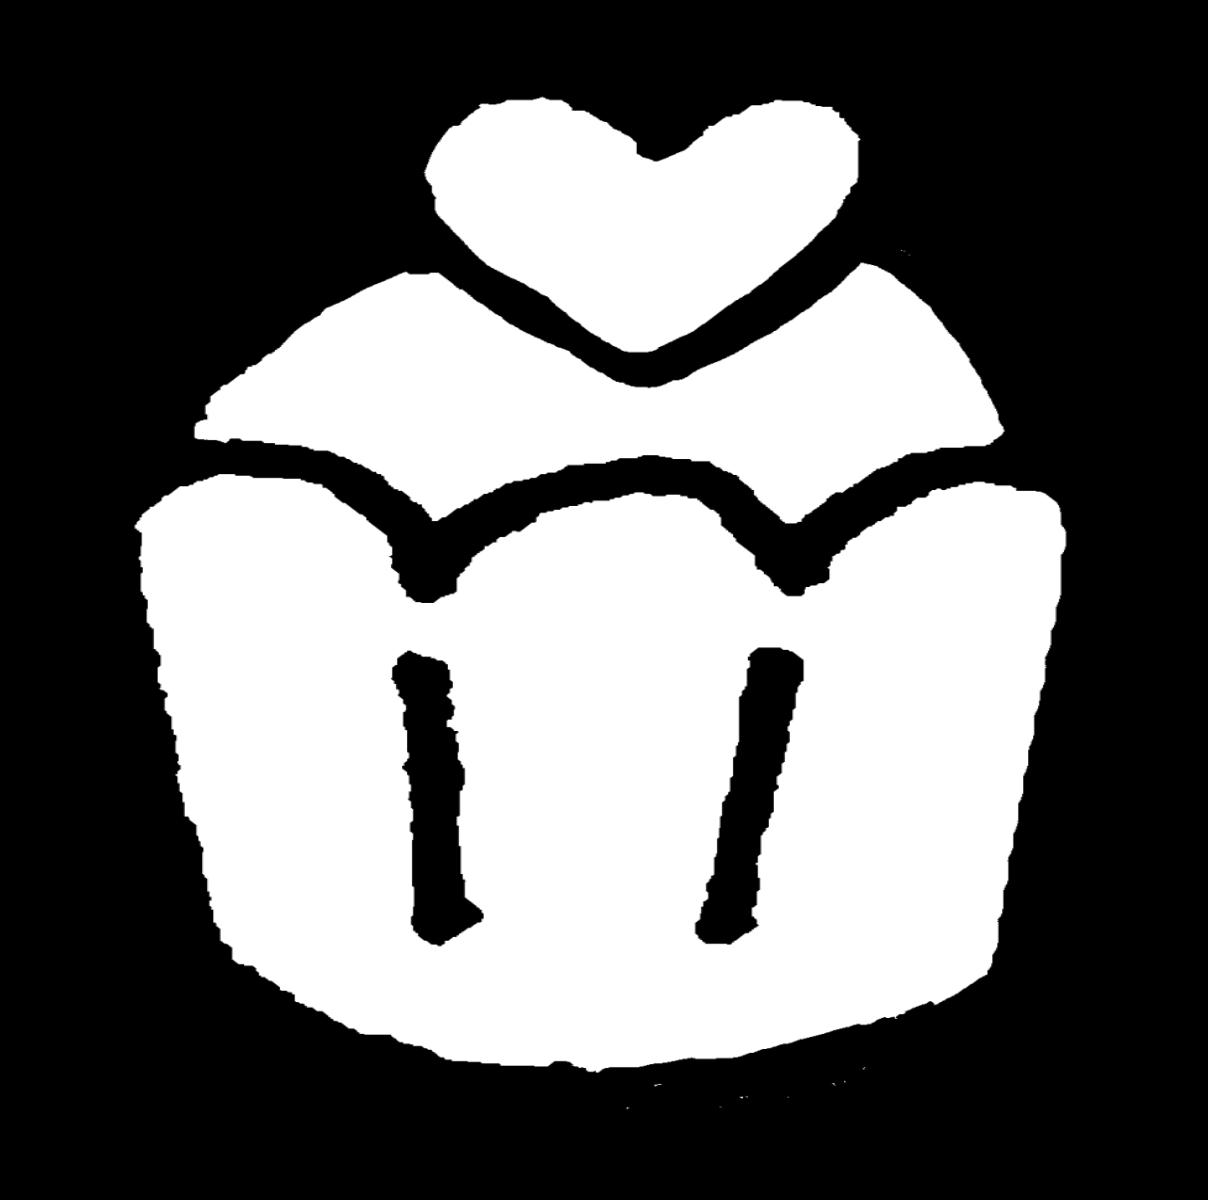 ハートのせカップケーキ(2種)のイラスト / Cupcake with a heart Illustration